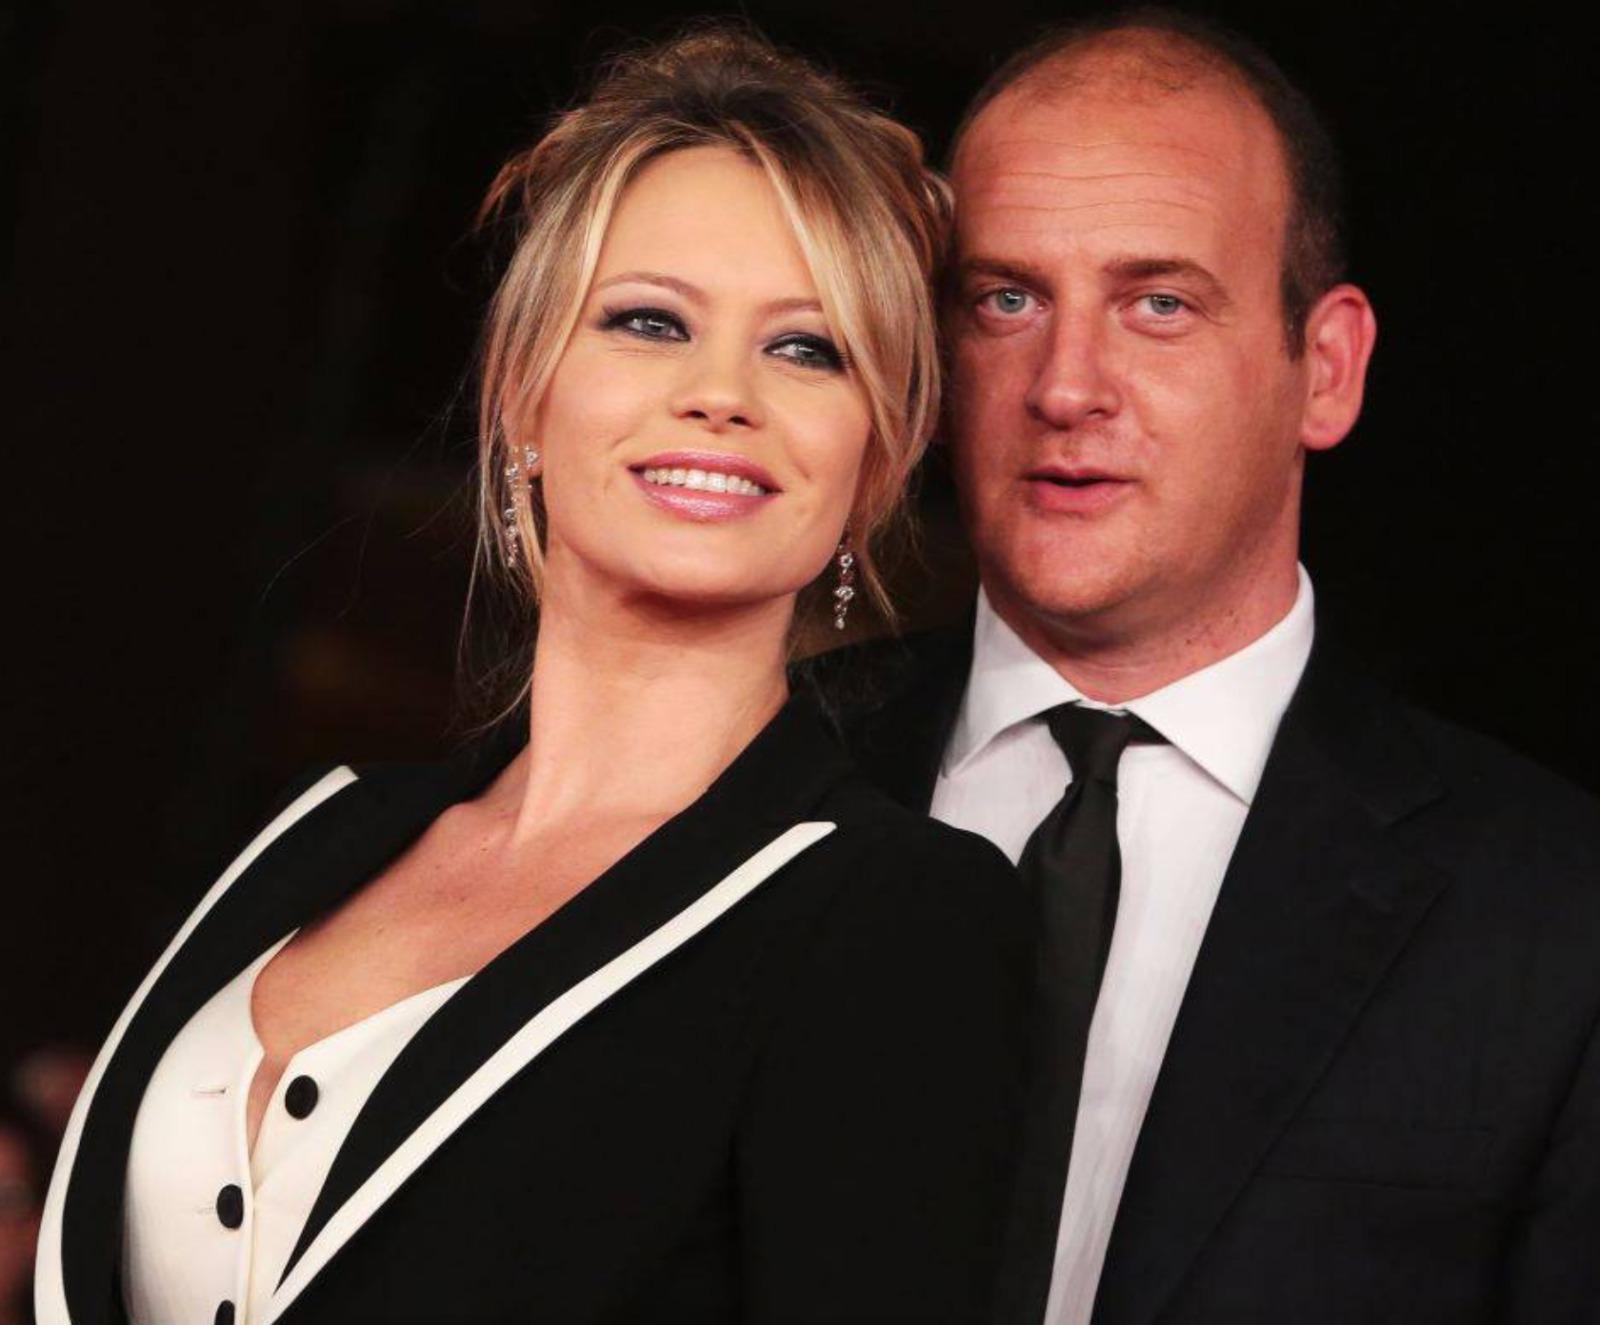 anna falchi età altezza peso misure marito figlia fidanzato vita privata